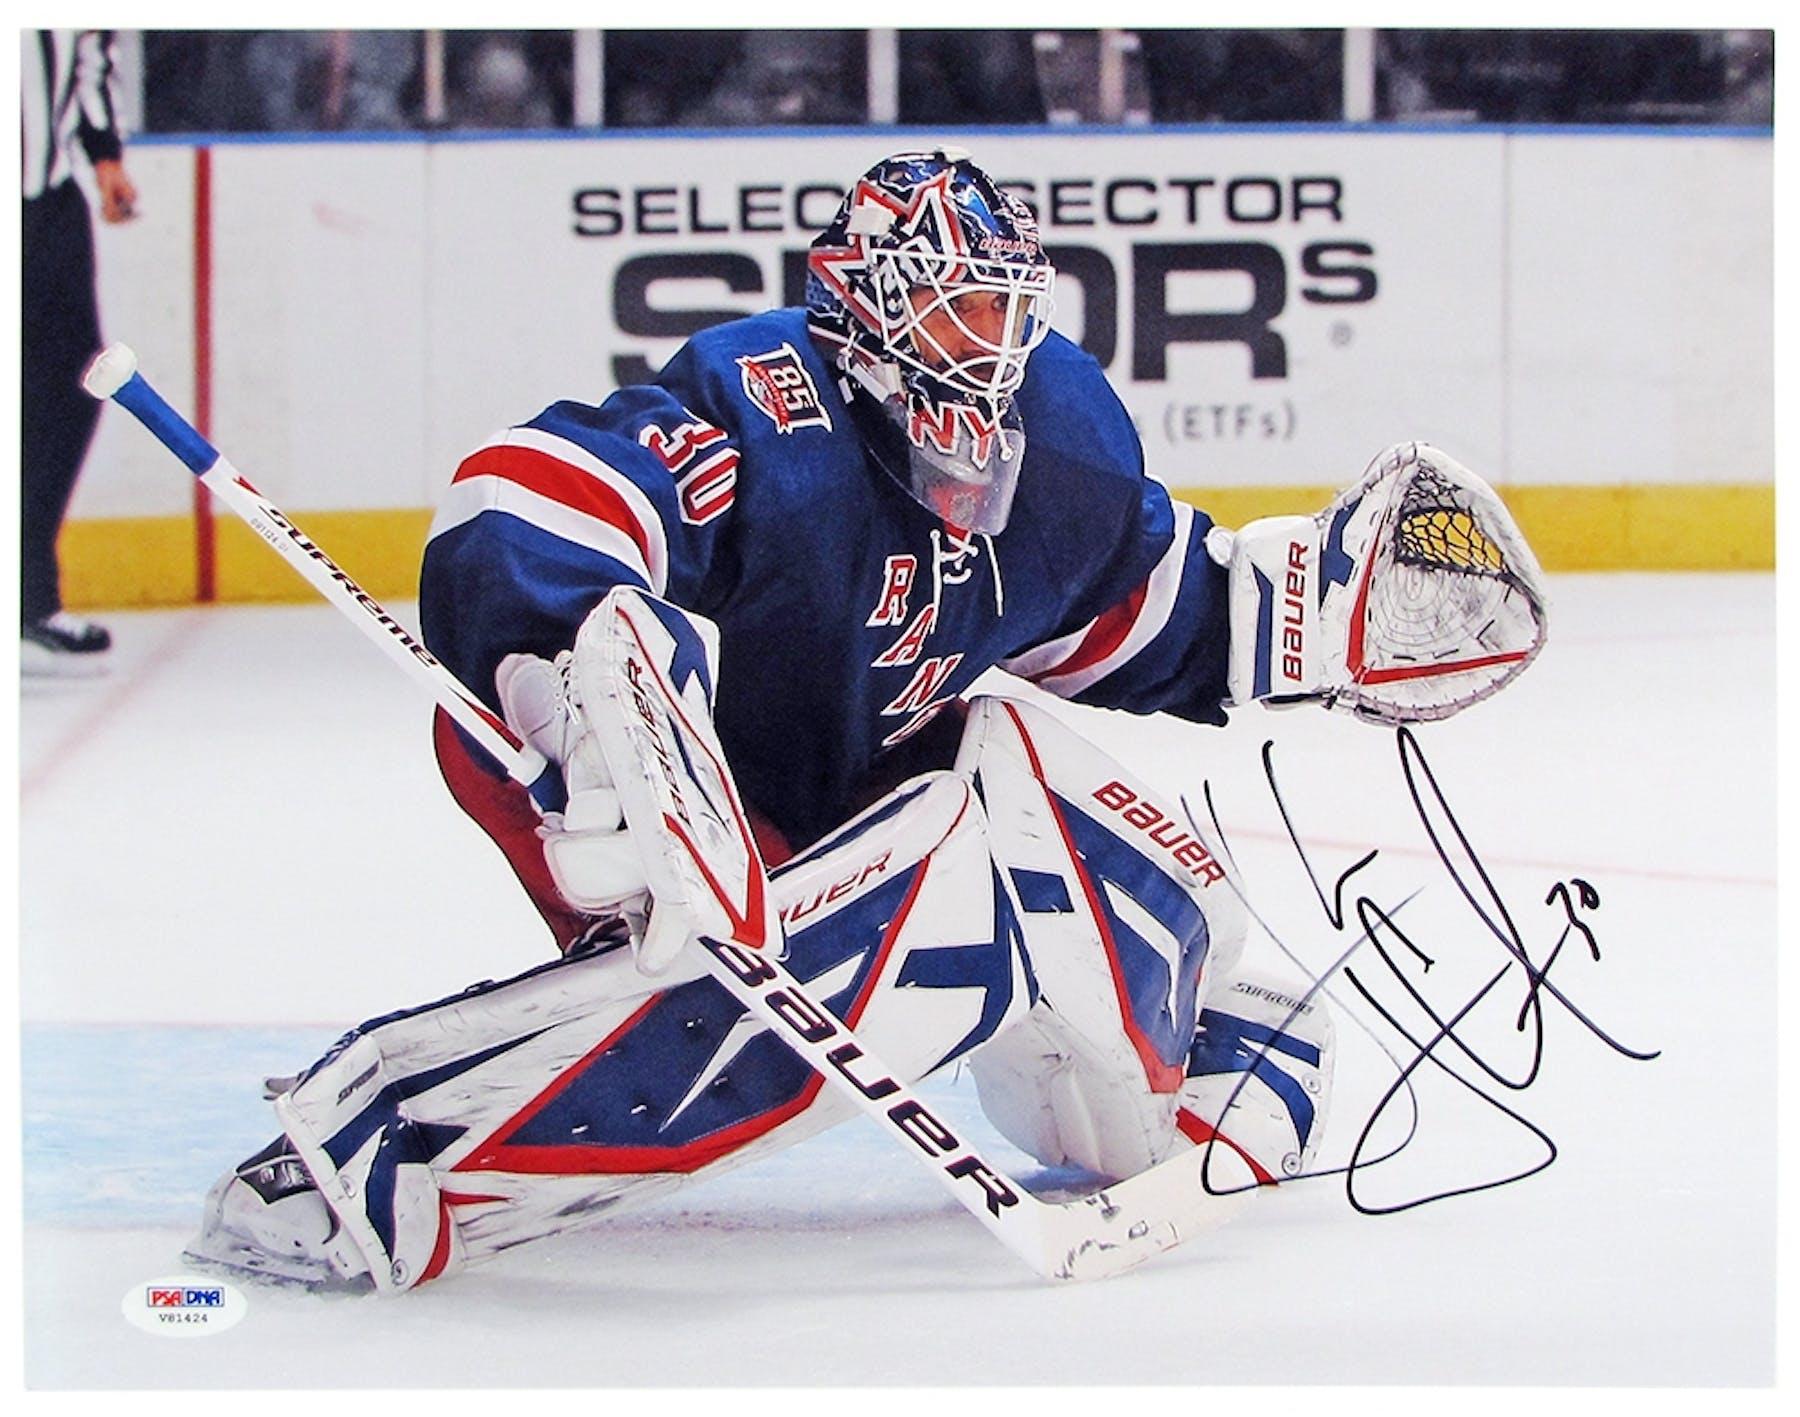 7c9424c7b42 Henrik Lundqvist Autographed New York Rangers 11x14 Photograph ...